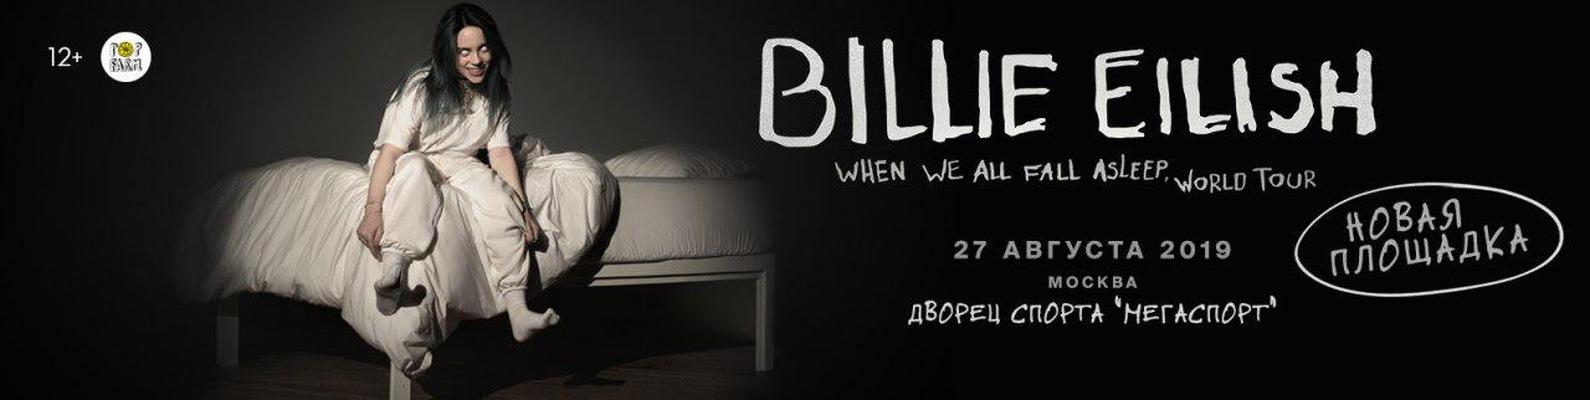 Афиша Billie Eilish на 27 августа 2019 в